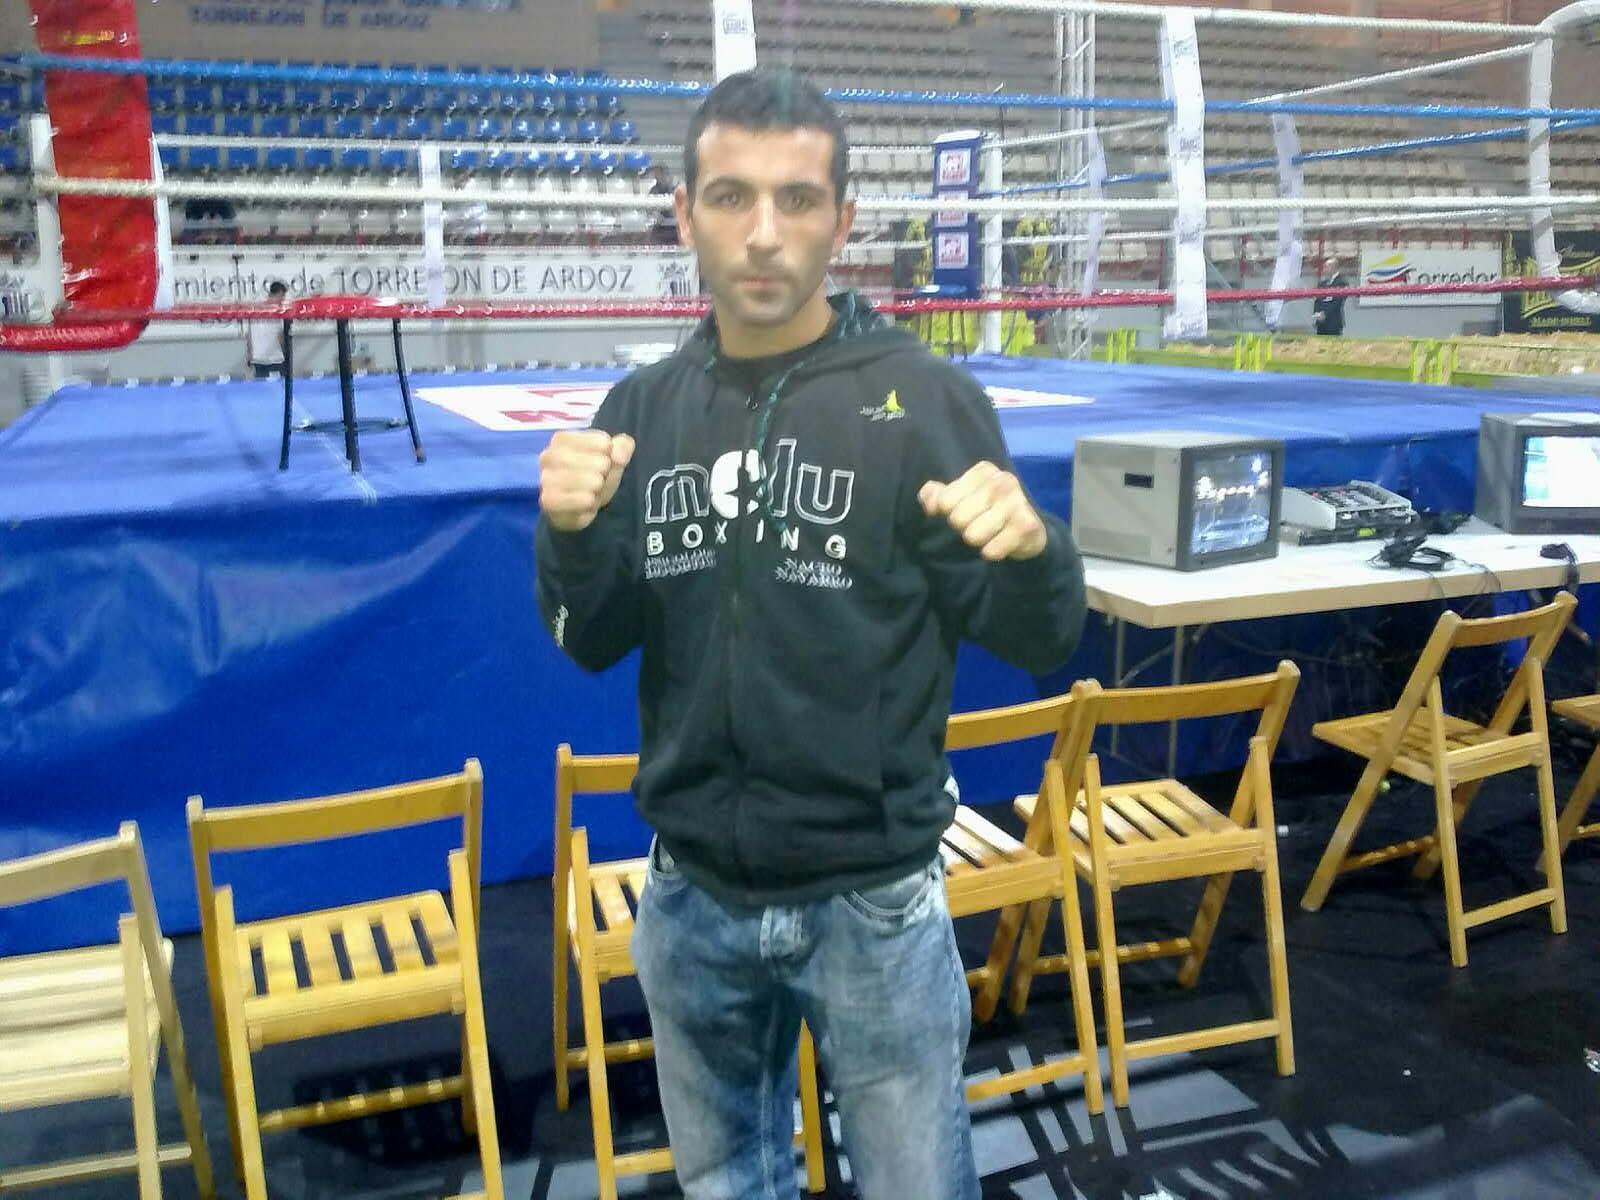 Psicolog a del deporte agosto 2010 - Nacho navarro ...